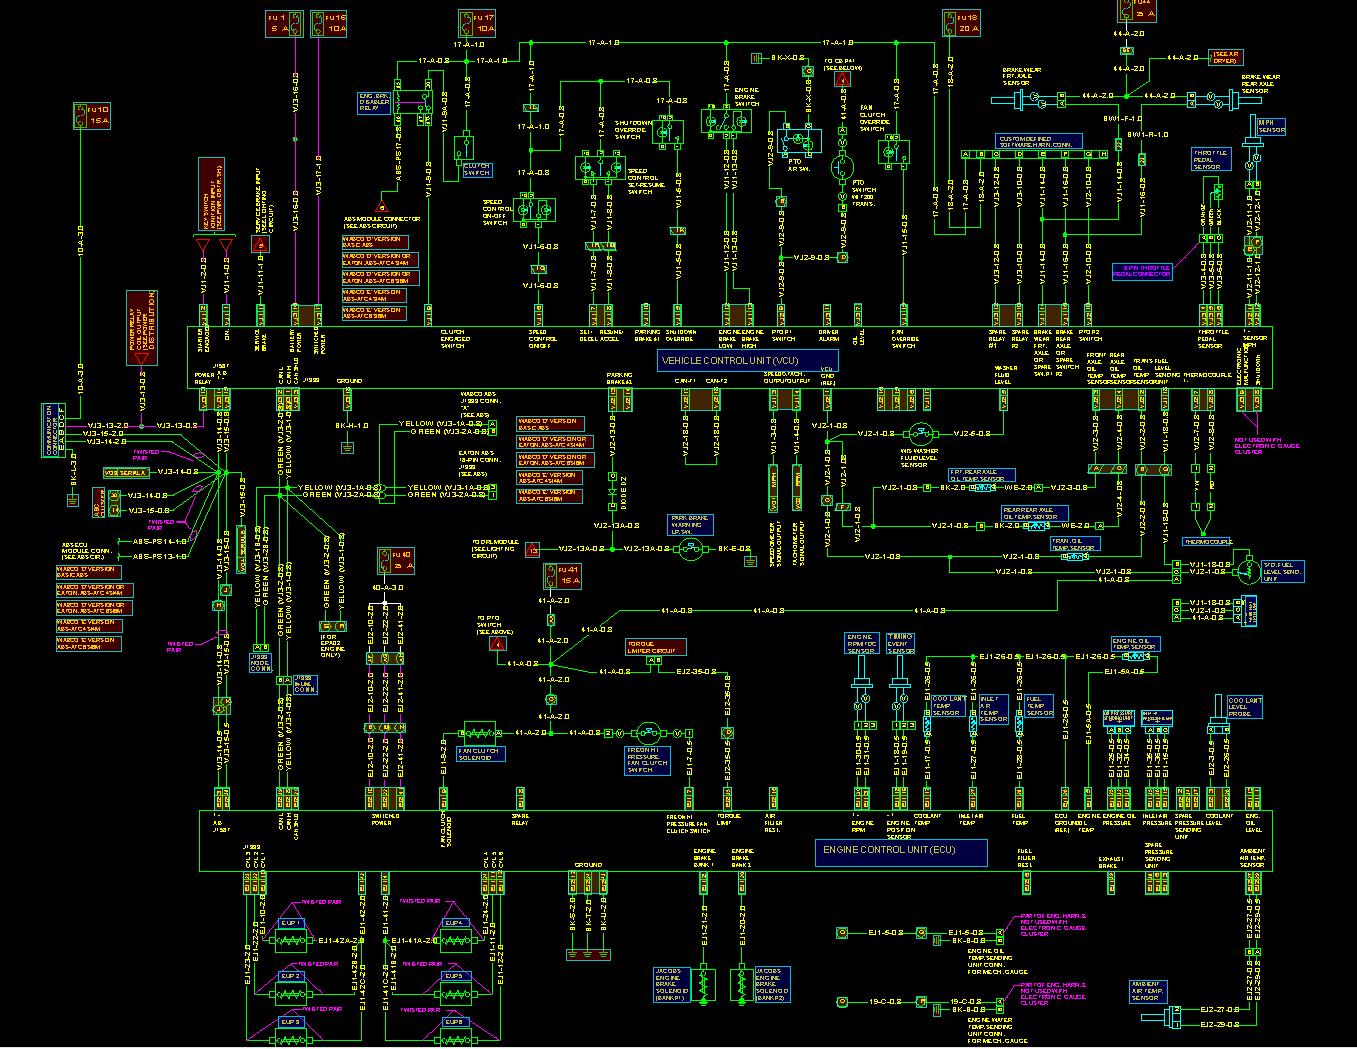 Diagram Download Mack Cv713 Fuse Diagram Full Hd Version Contactnudge Msc Lausitzring De